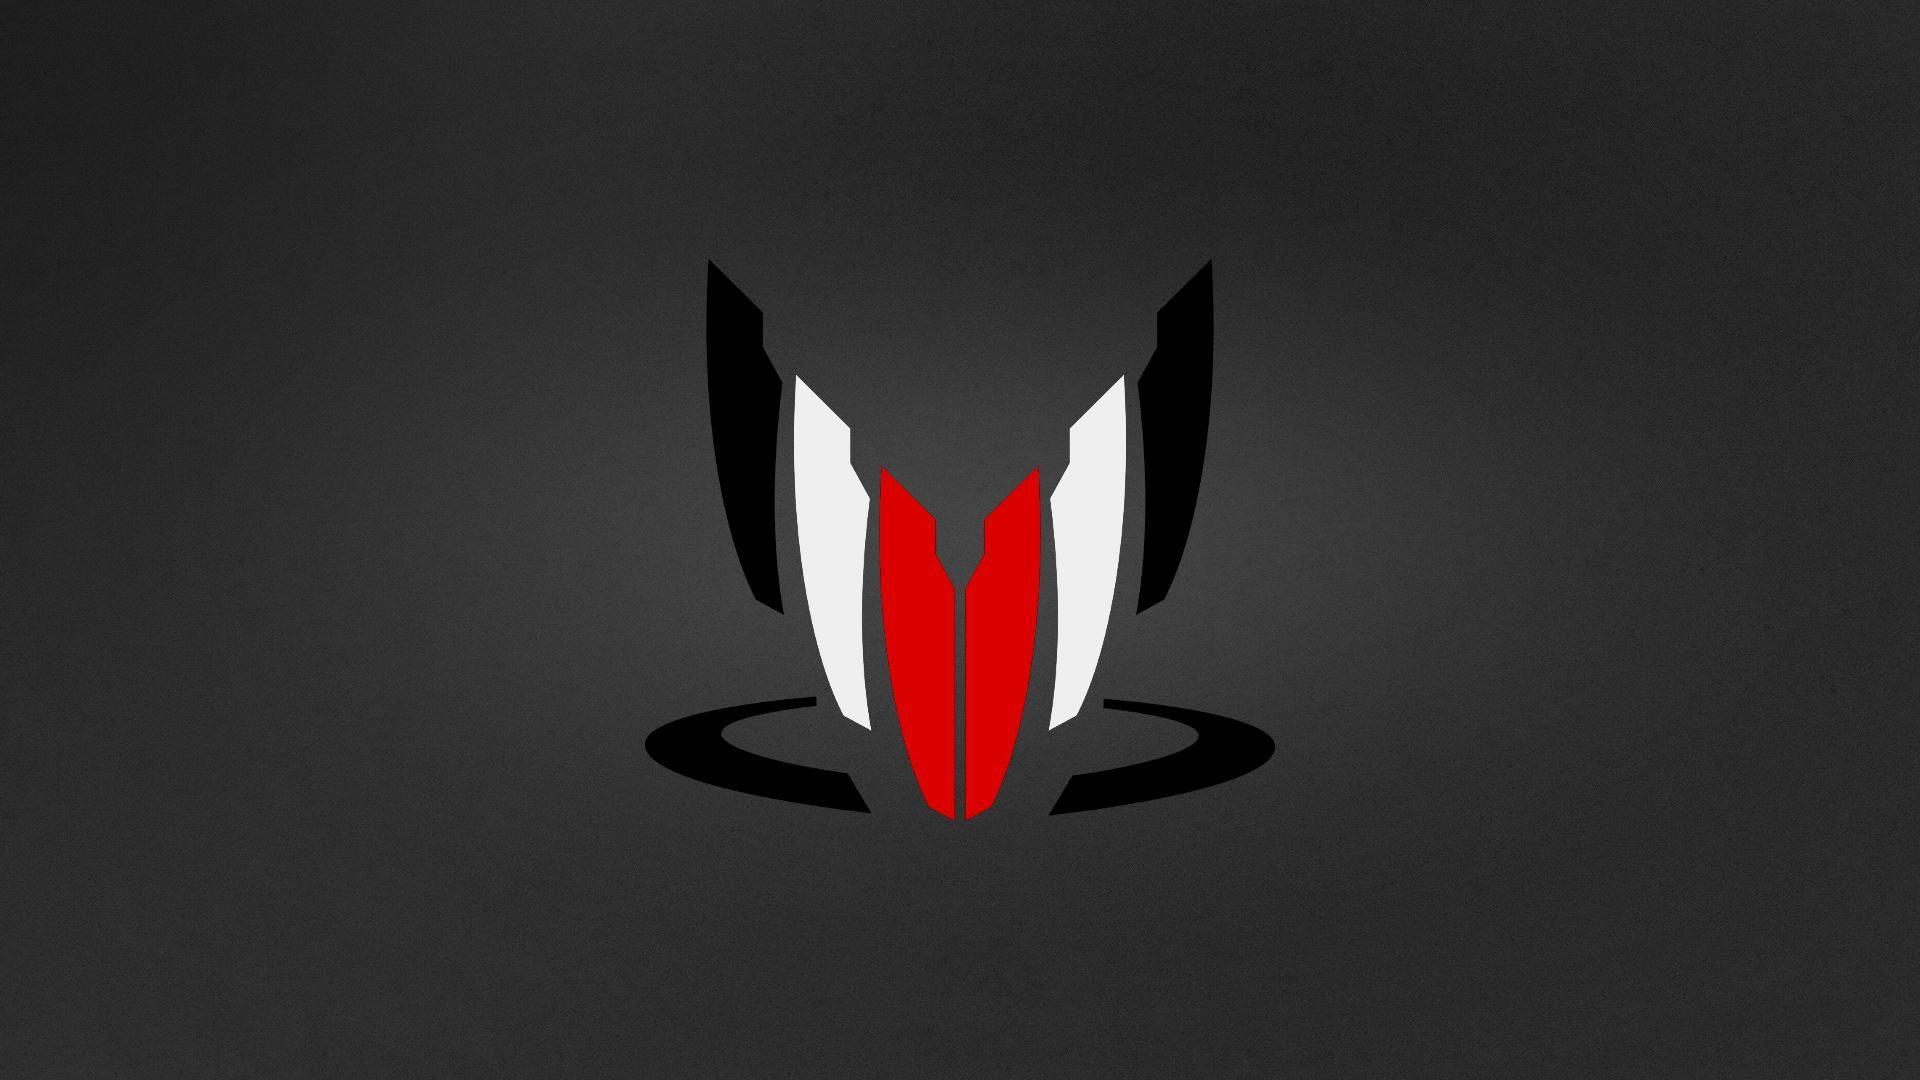 N7 Spectre Mass Effect Cool Tattoos Hd Wallpaper